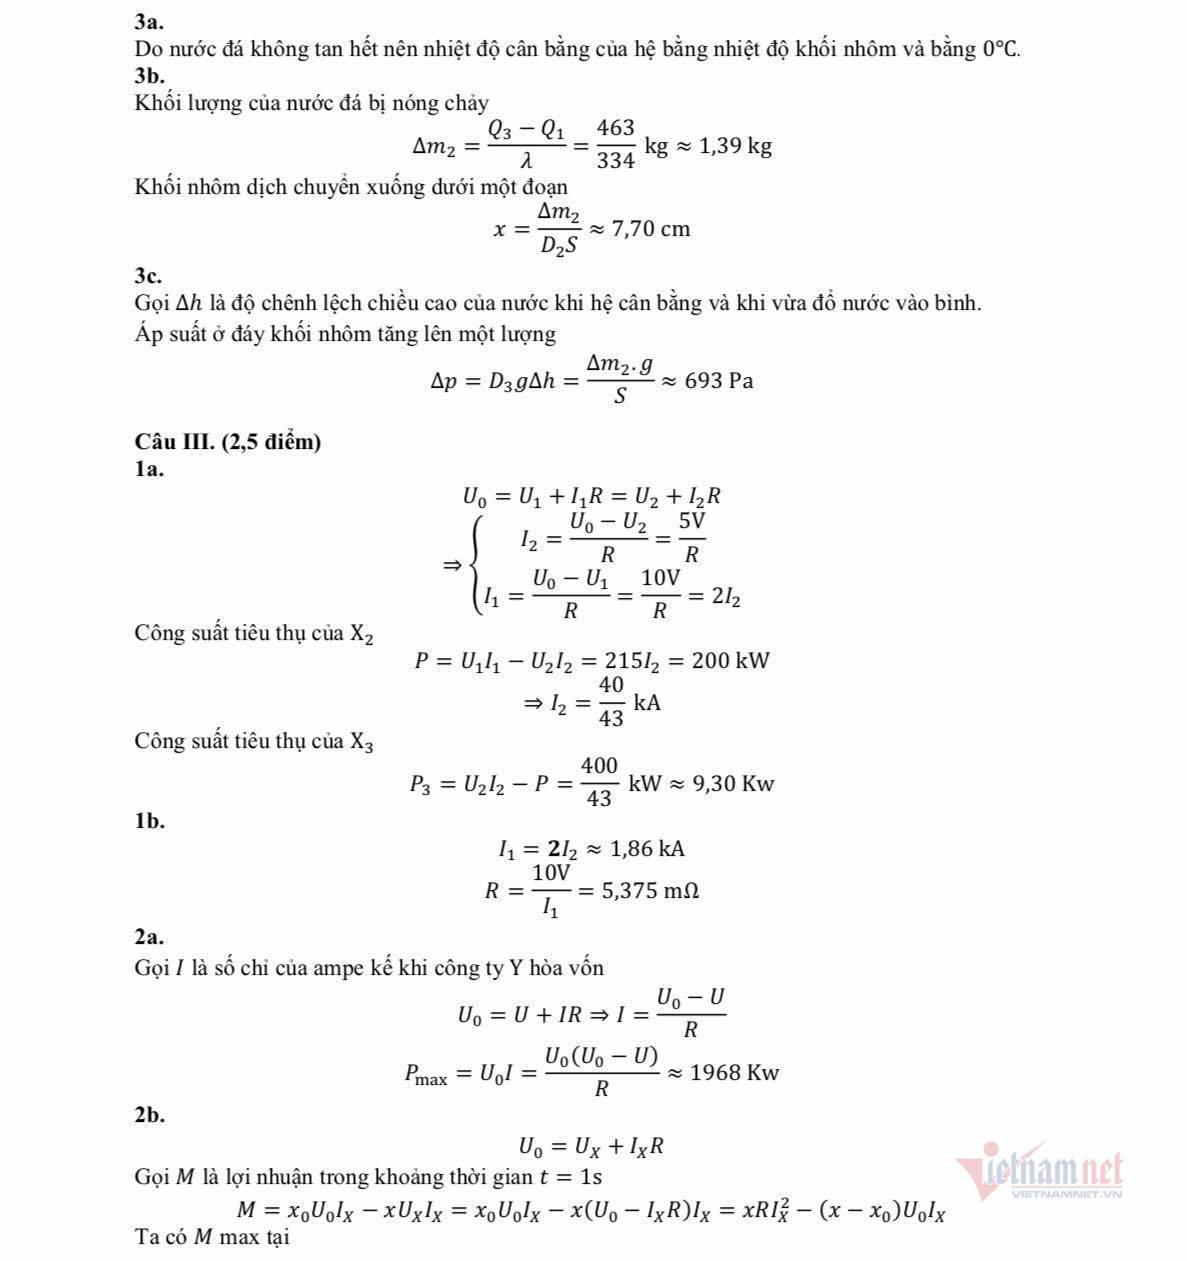 Lời giải tham khảo đề thi Vật lý vào chuyên Sư phạm